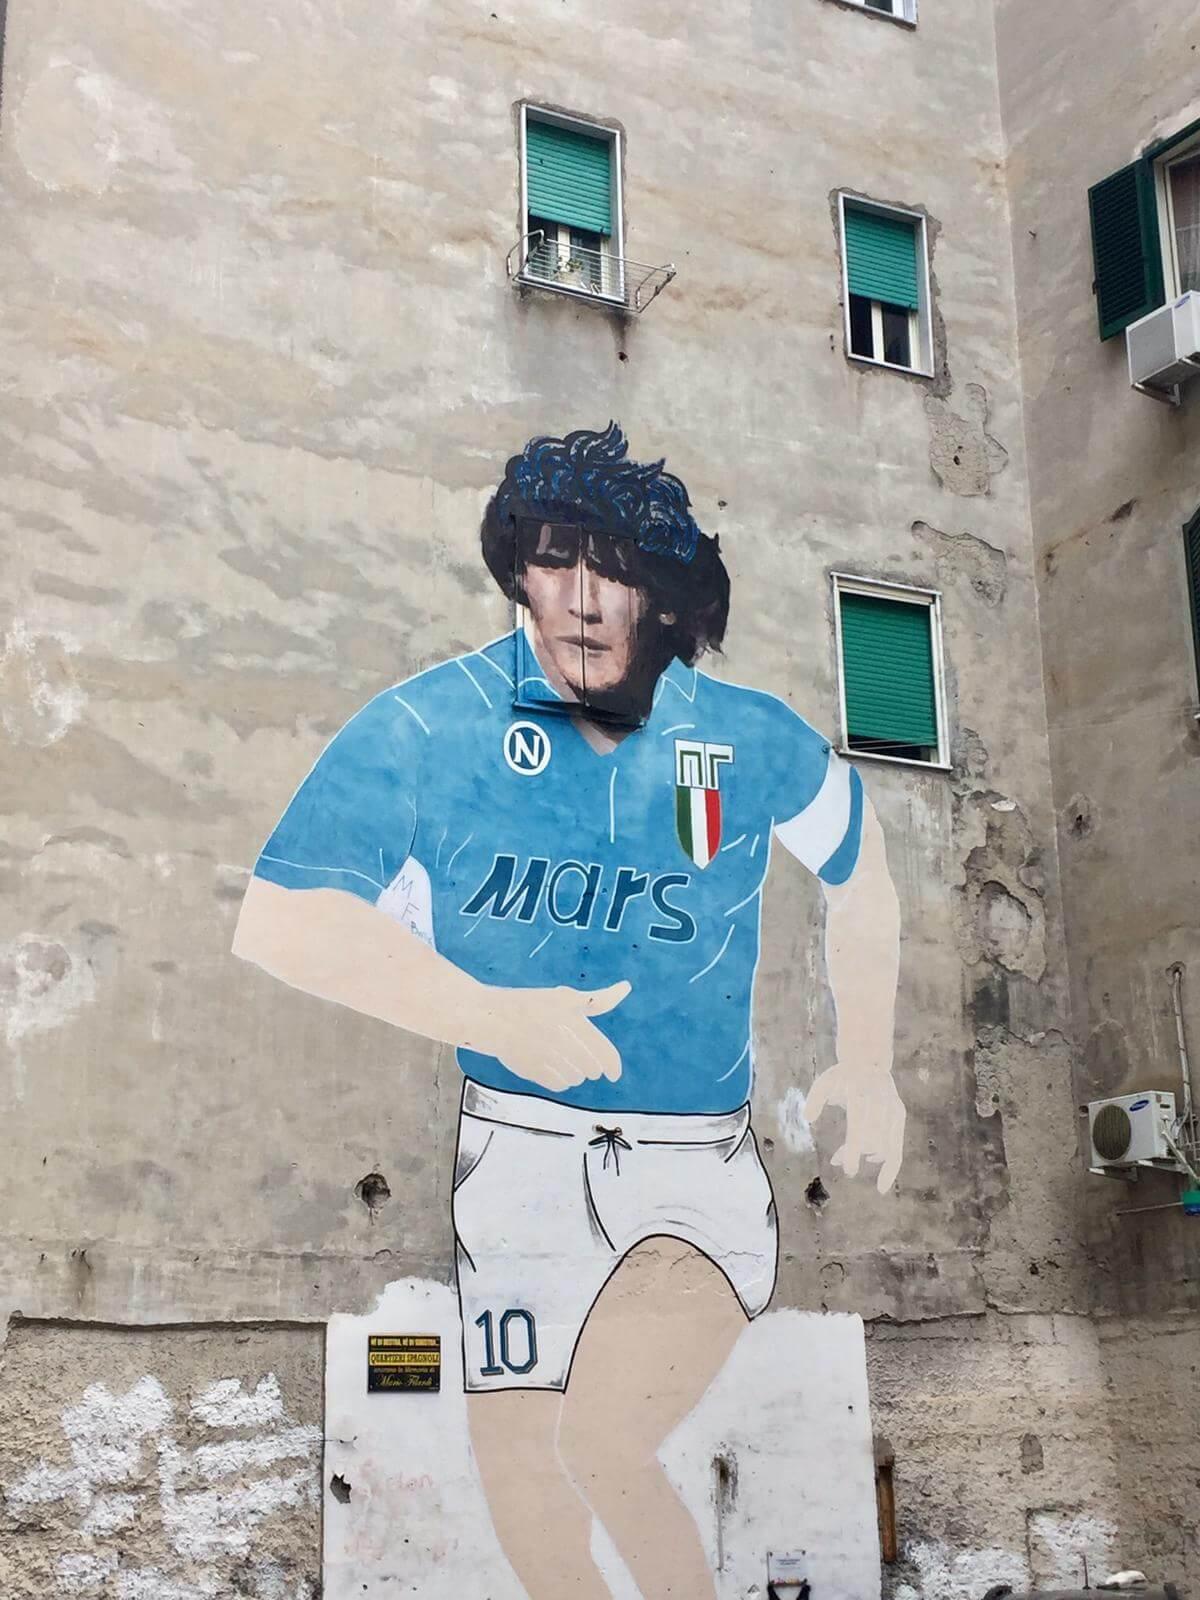 אמנות רחוב מארדונה בנאפולי